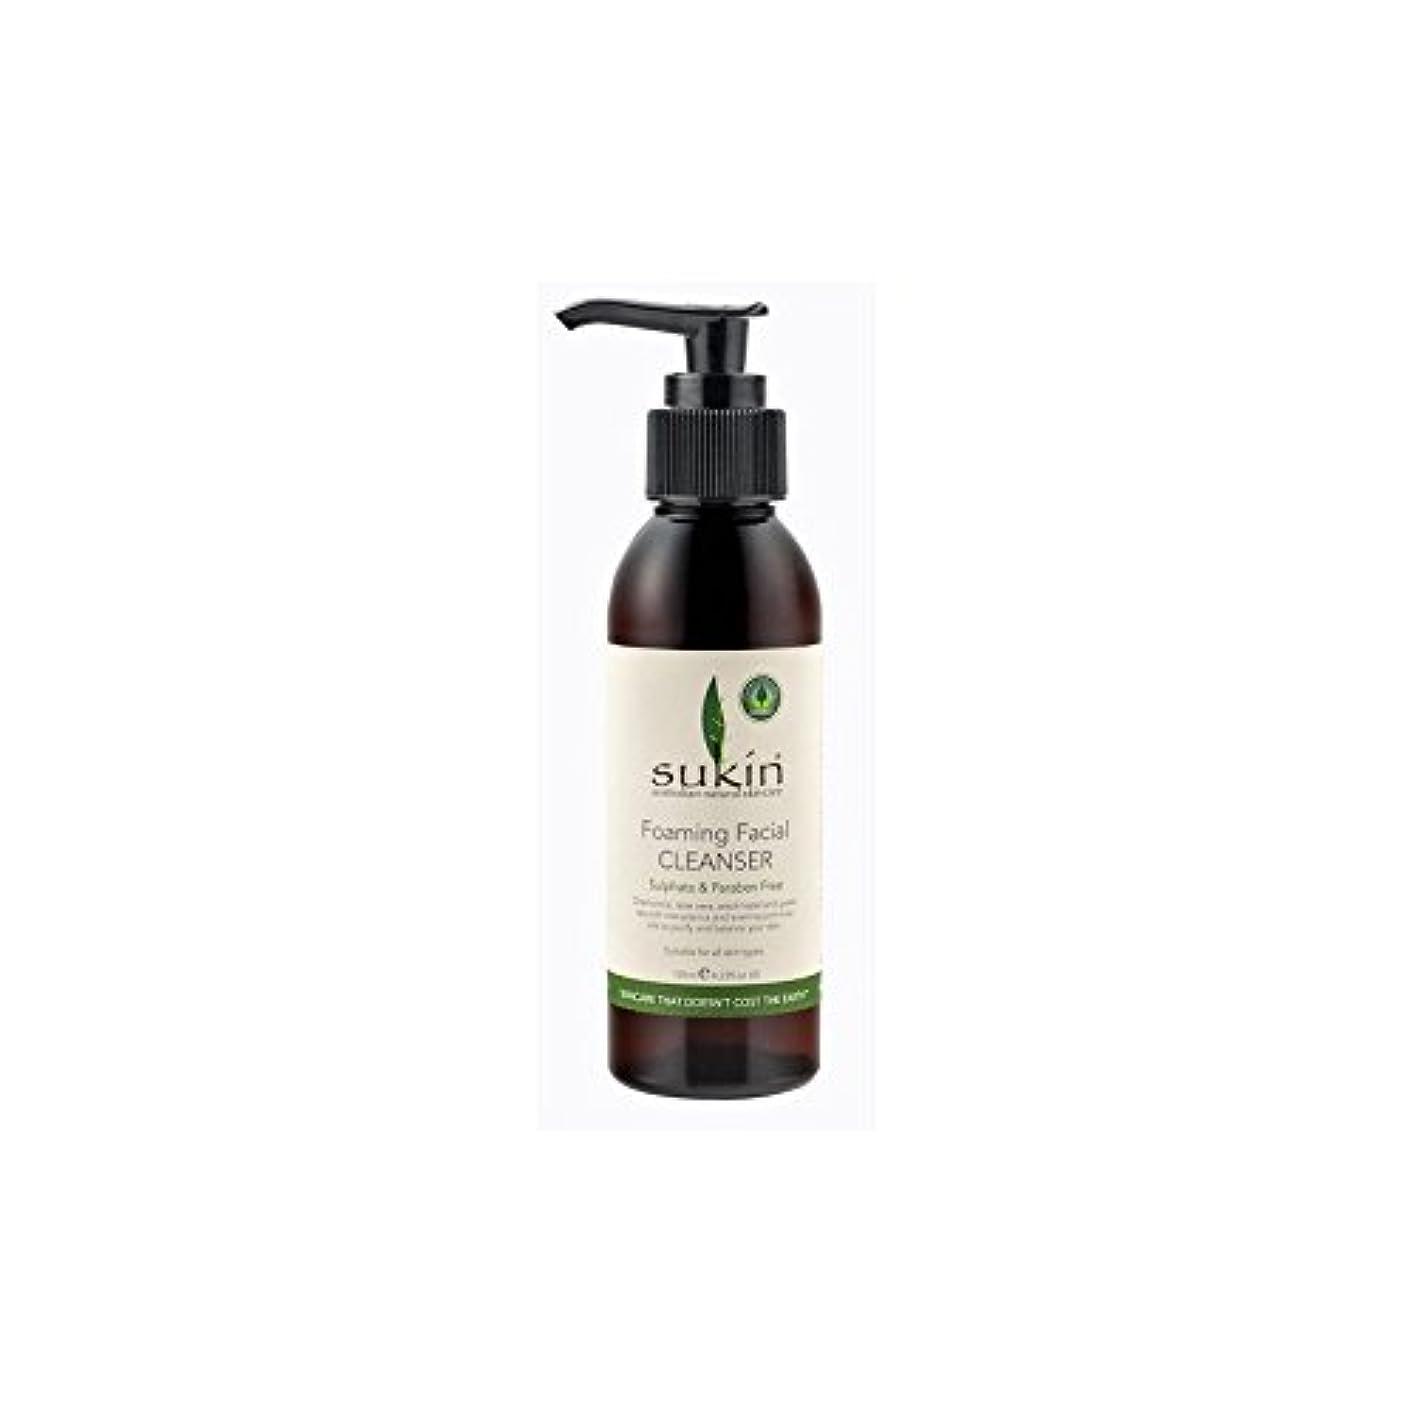 ごみ掃くライオネルグリーンストリートSukin Foaming Facial Cleanser (125ml) - 発泡洗顔料(125ミリリットル) [並行輸入品]